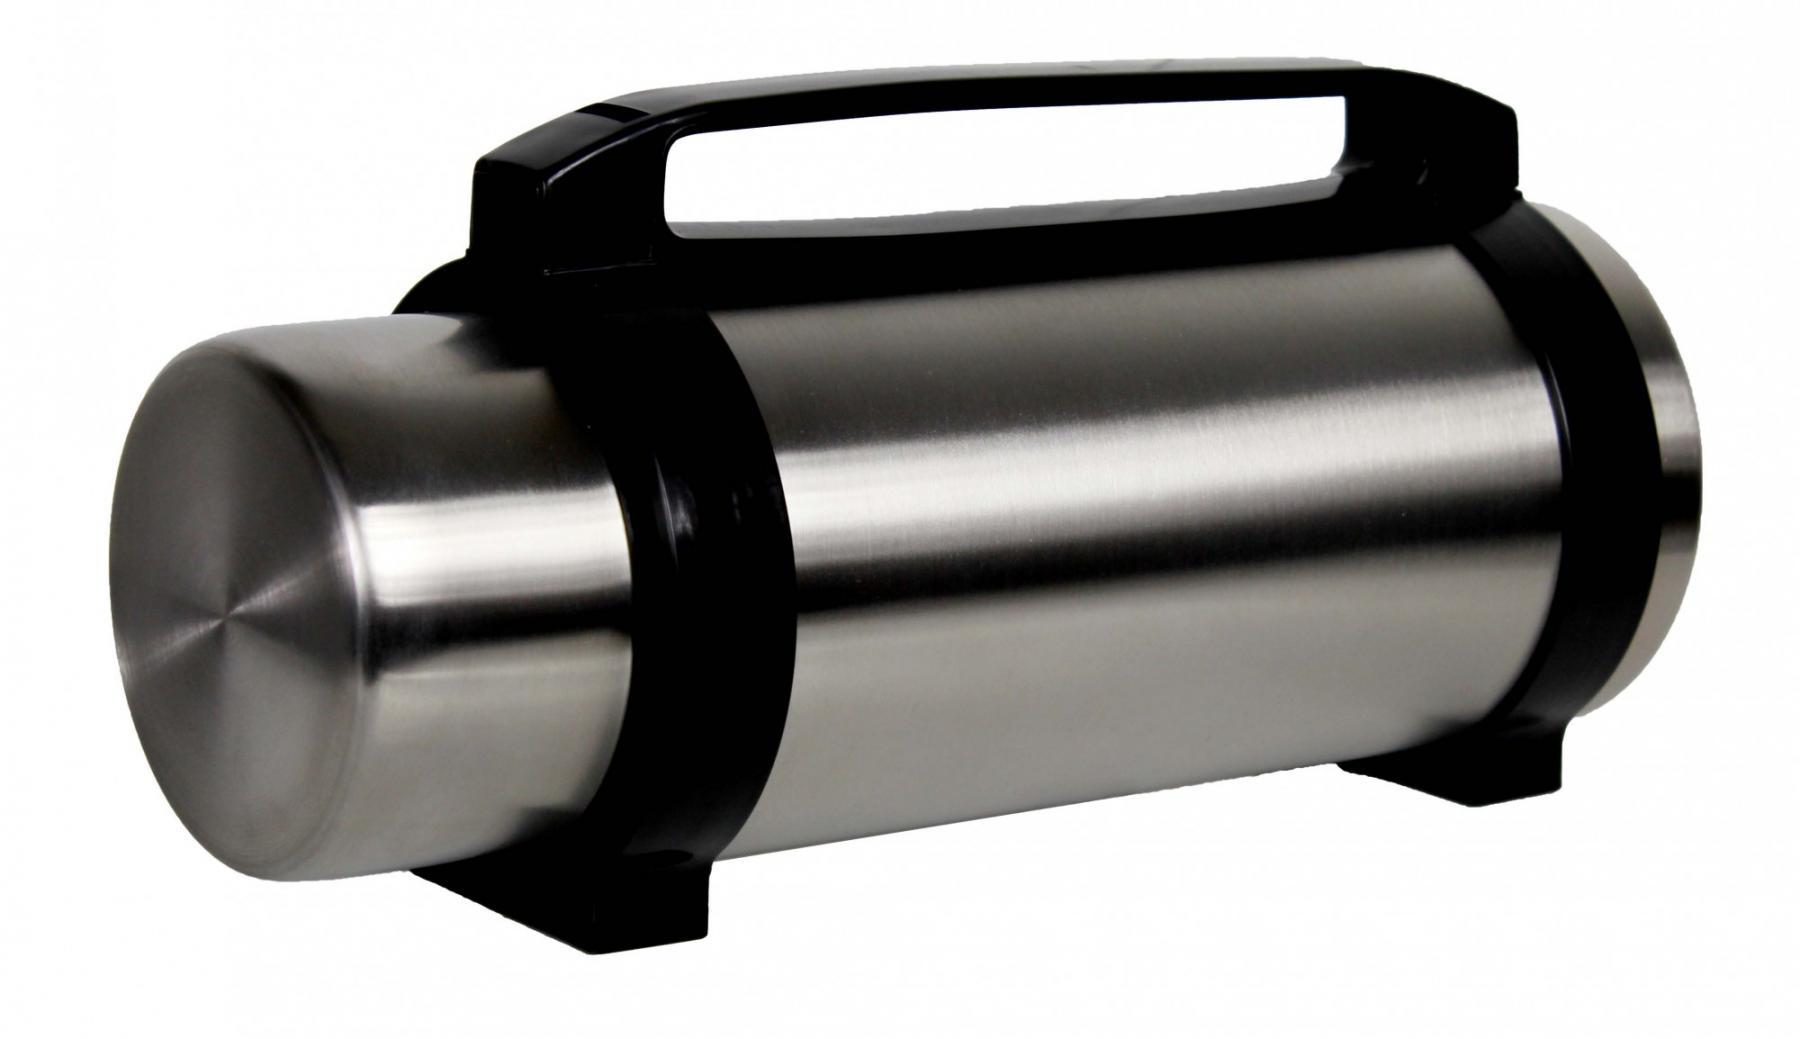 reise thermoskanne mit griff 2 5 liter neu ovp thermosflasche isolierkanne isolierflasche. Black Bedroom Furniture Sets. Home Design Ideas